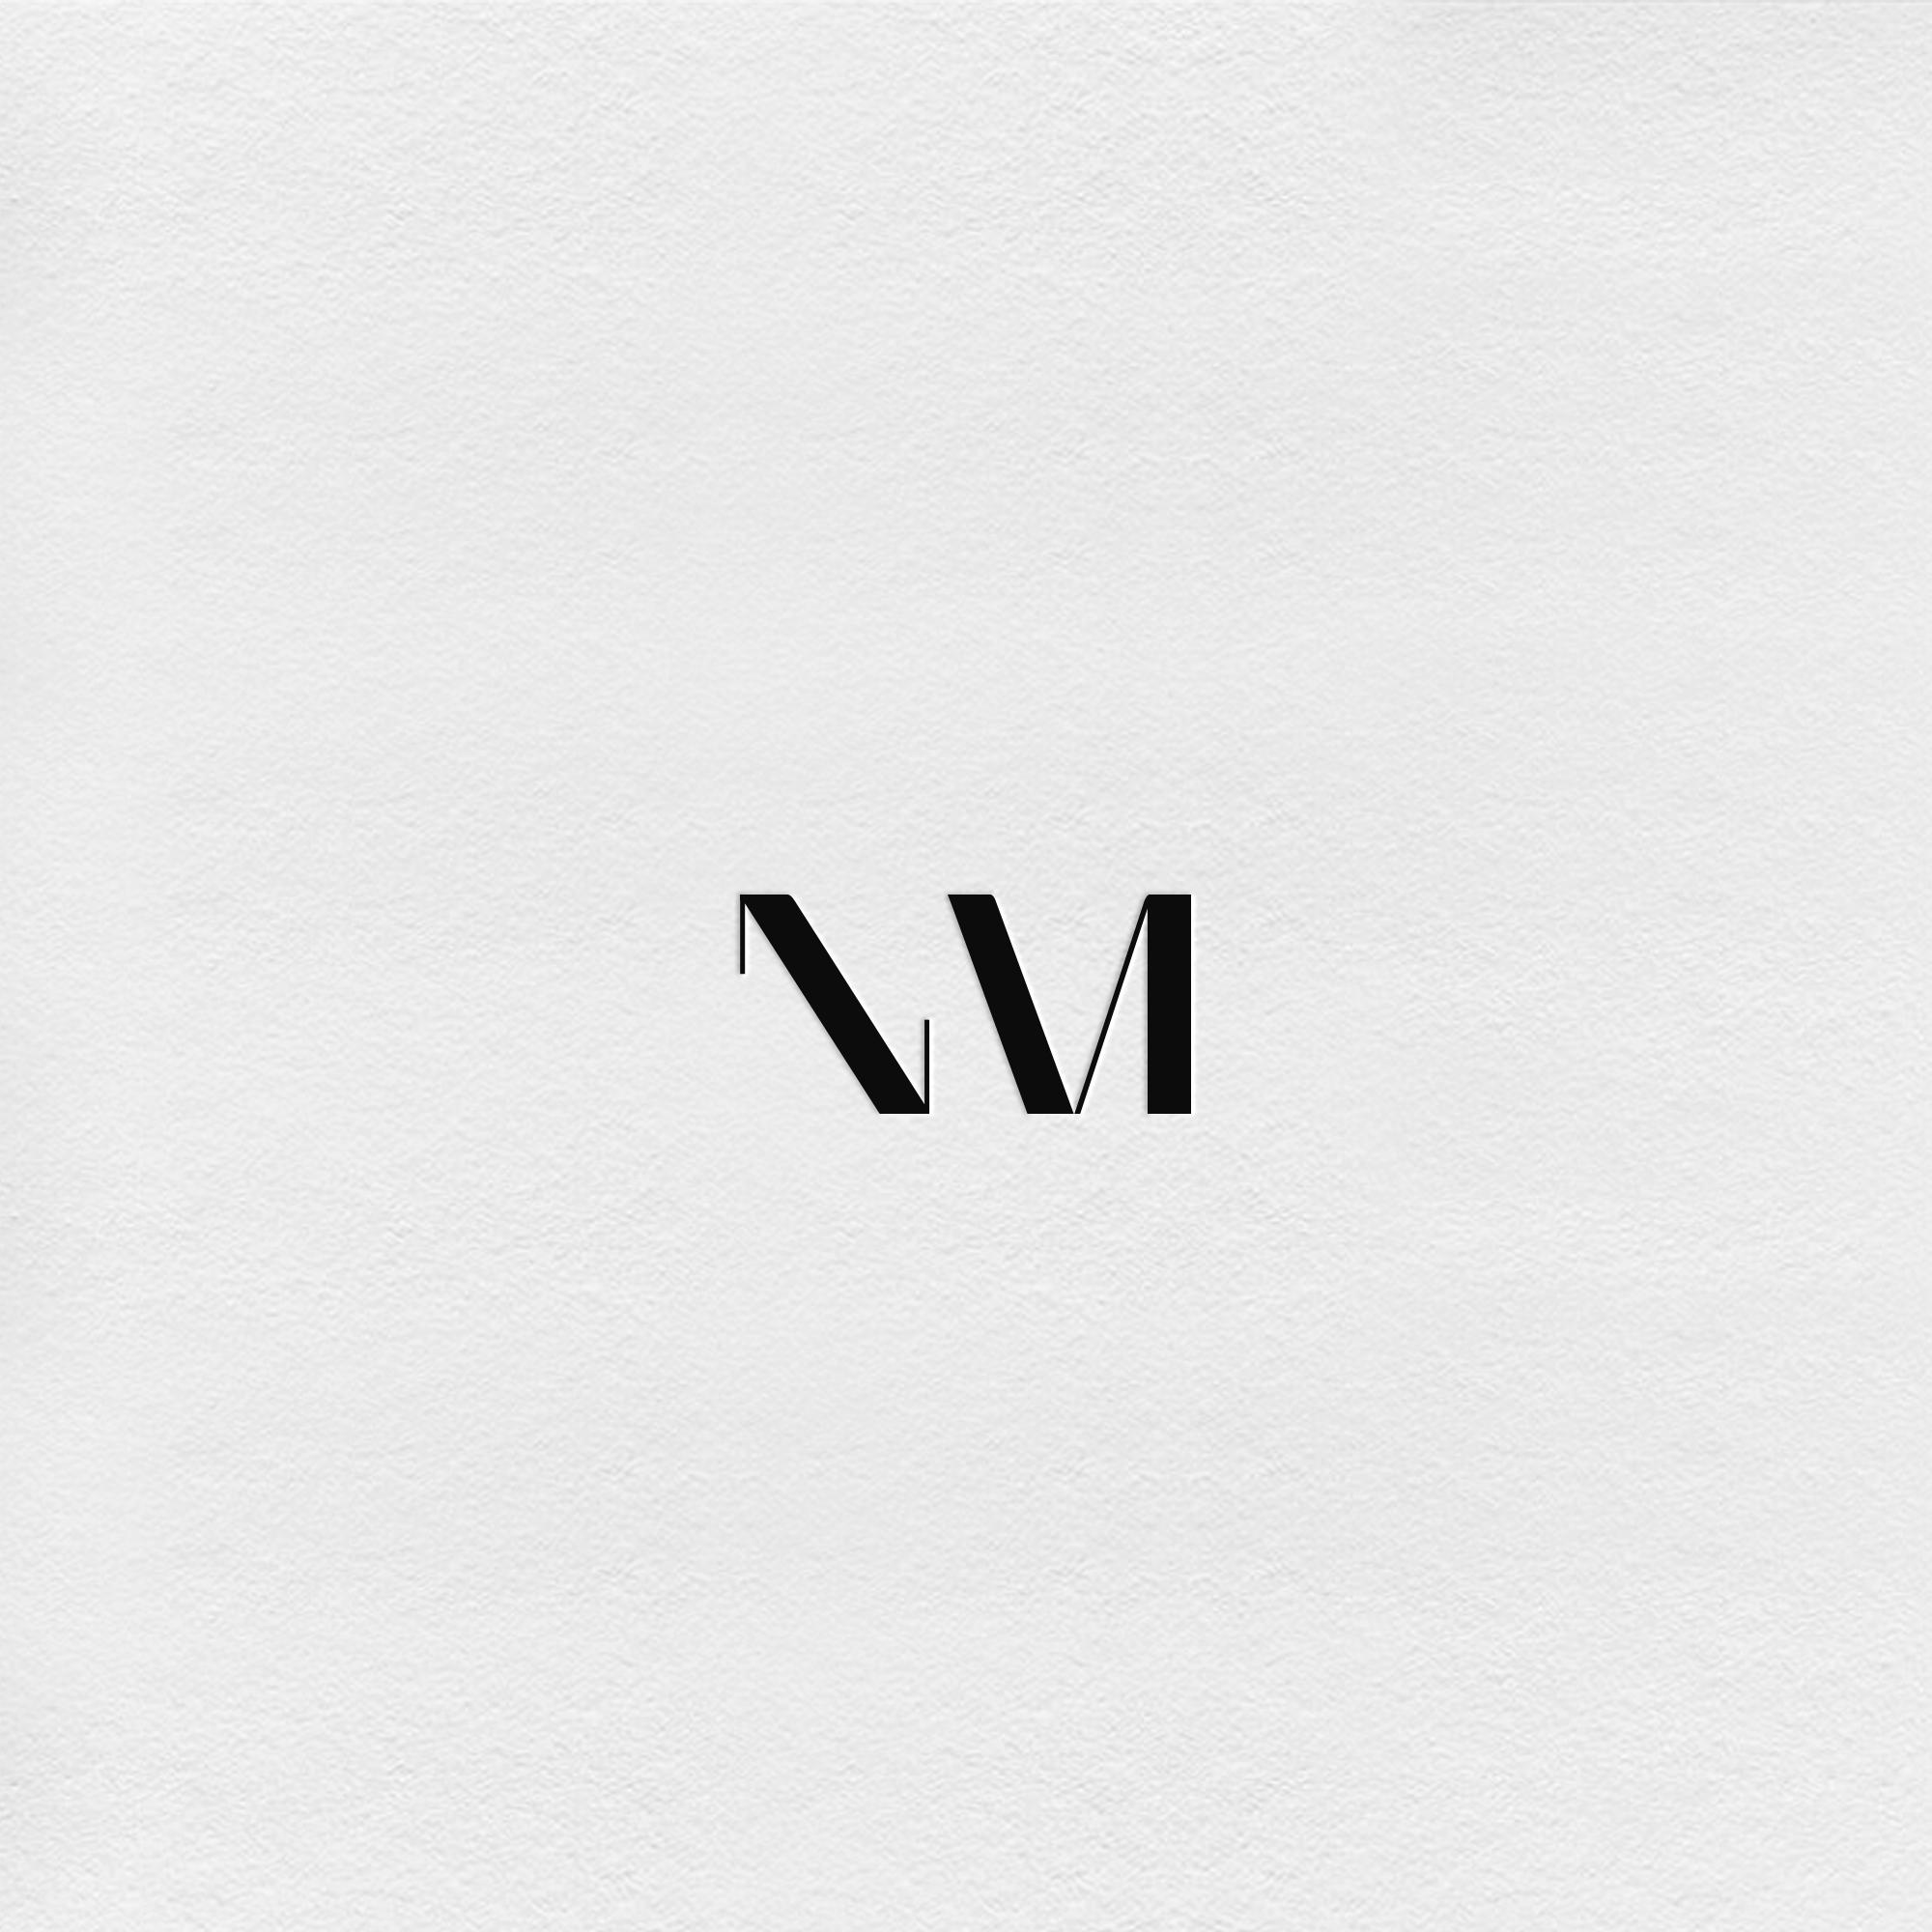 NM-wordmark.jpg